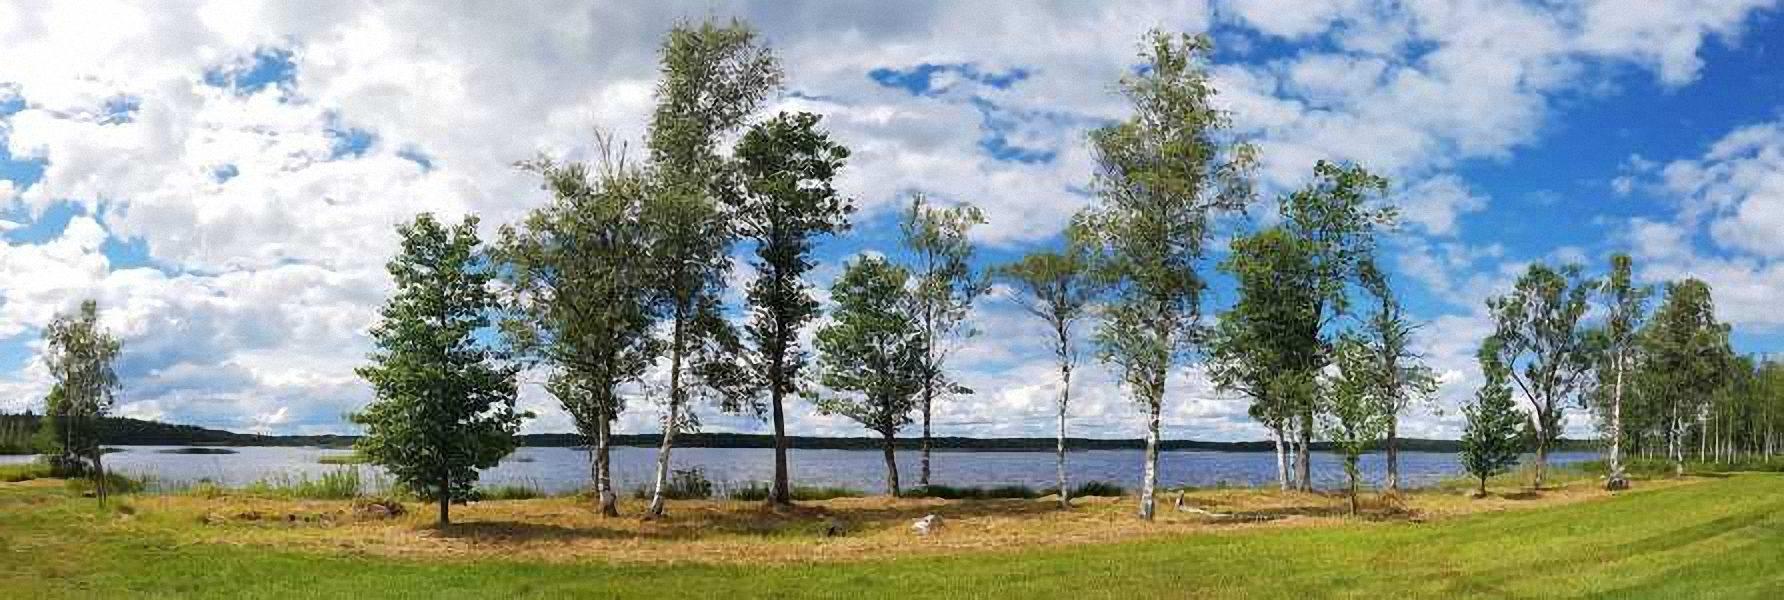 Järvenrantamökki Metsäranta – Savonranta